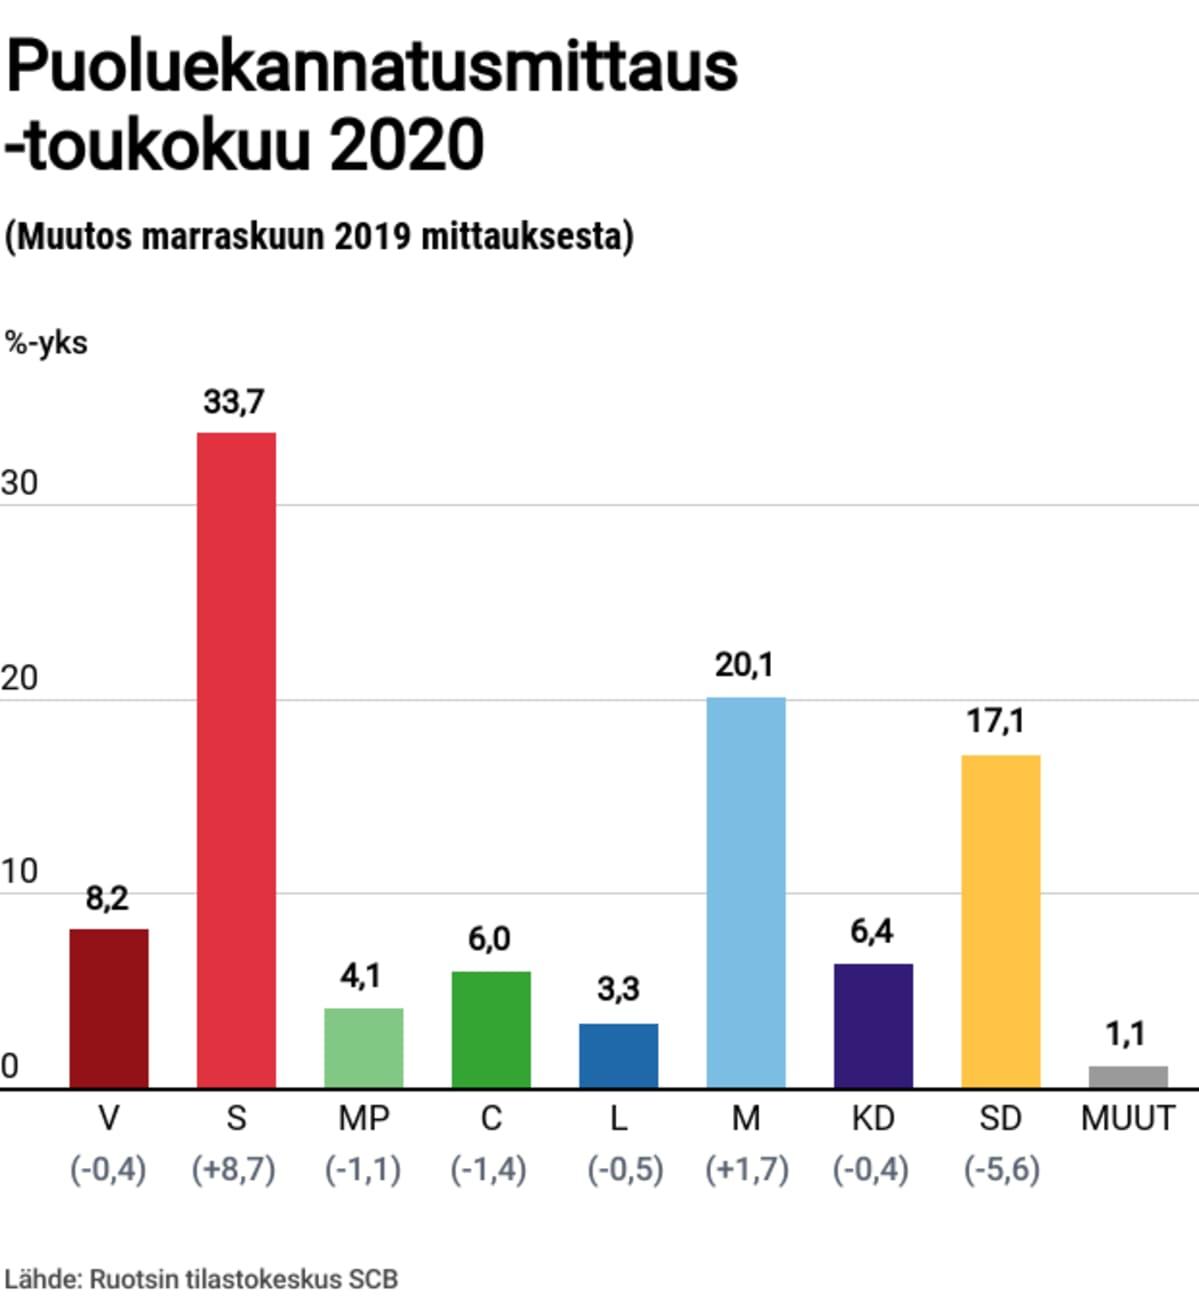 Toukokuun puoluekannatusmittaus 2020.